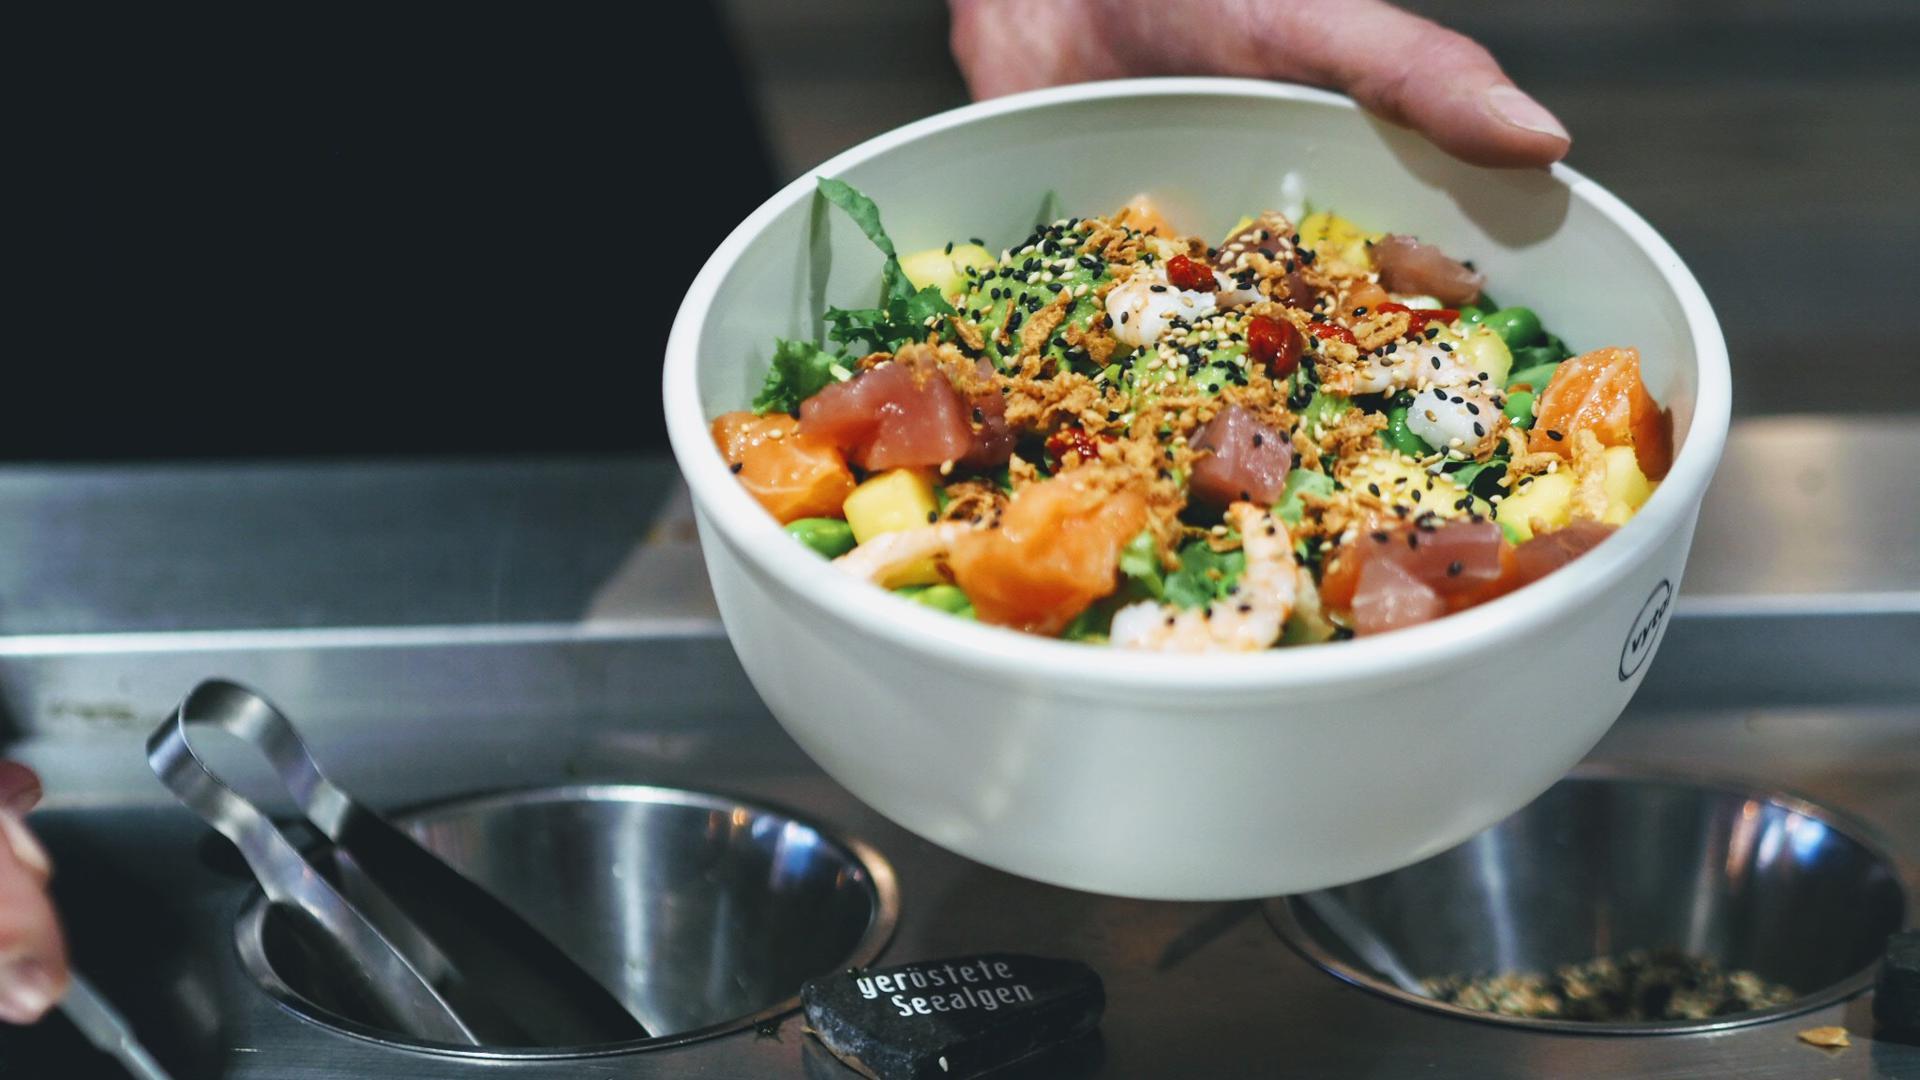 In solchen Vytal-Schüsseln können Kunden ihr Essen kostenlos mitnehmen, sofern sie die Behälter binnen zwei Wochen zurückbringen.